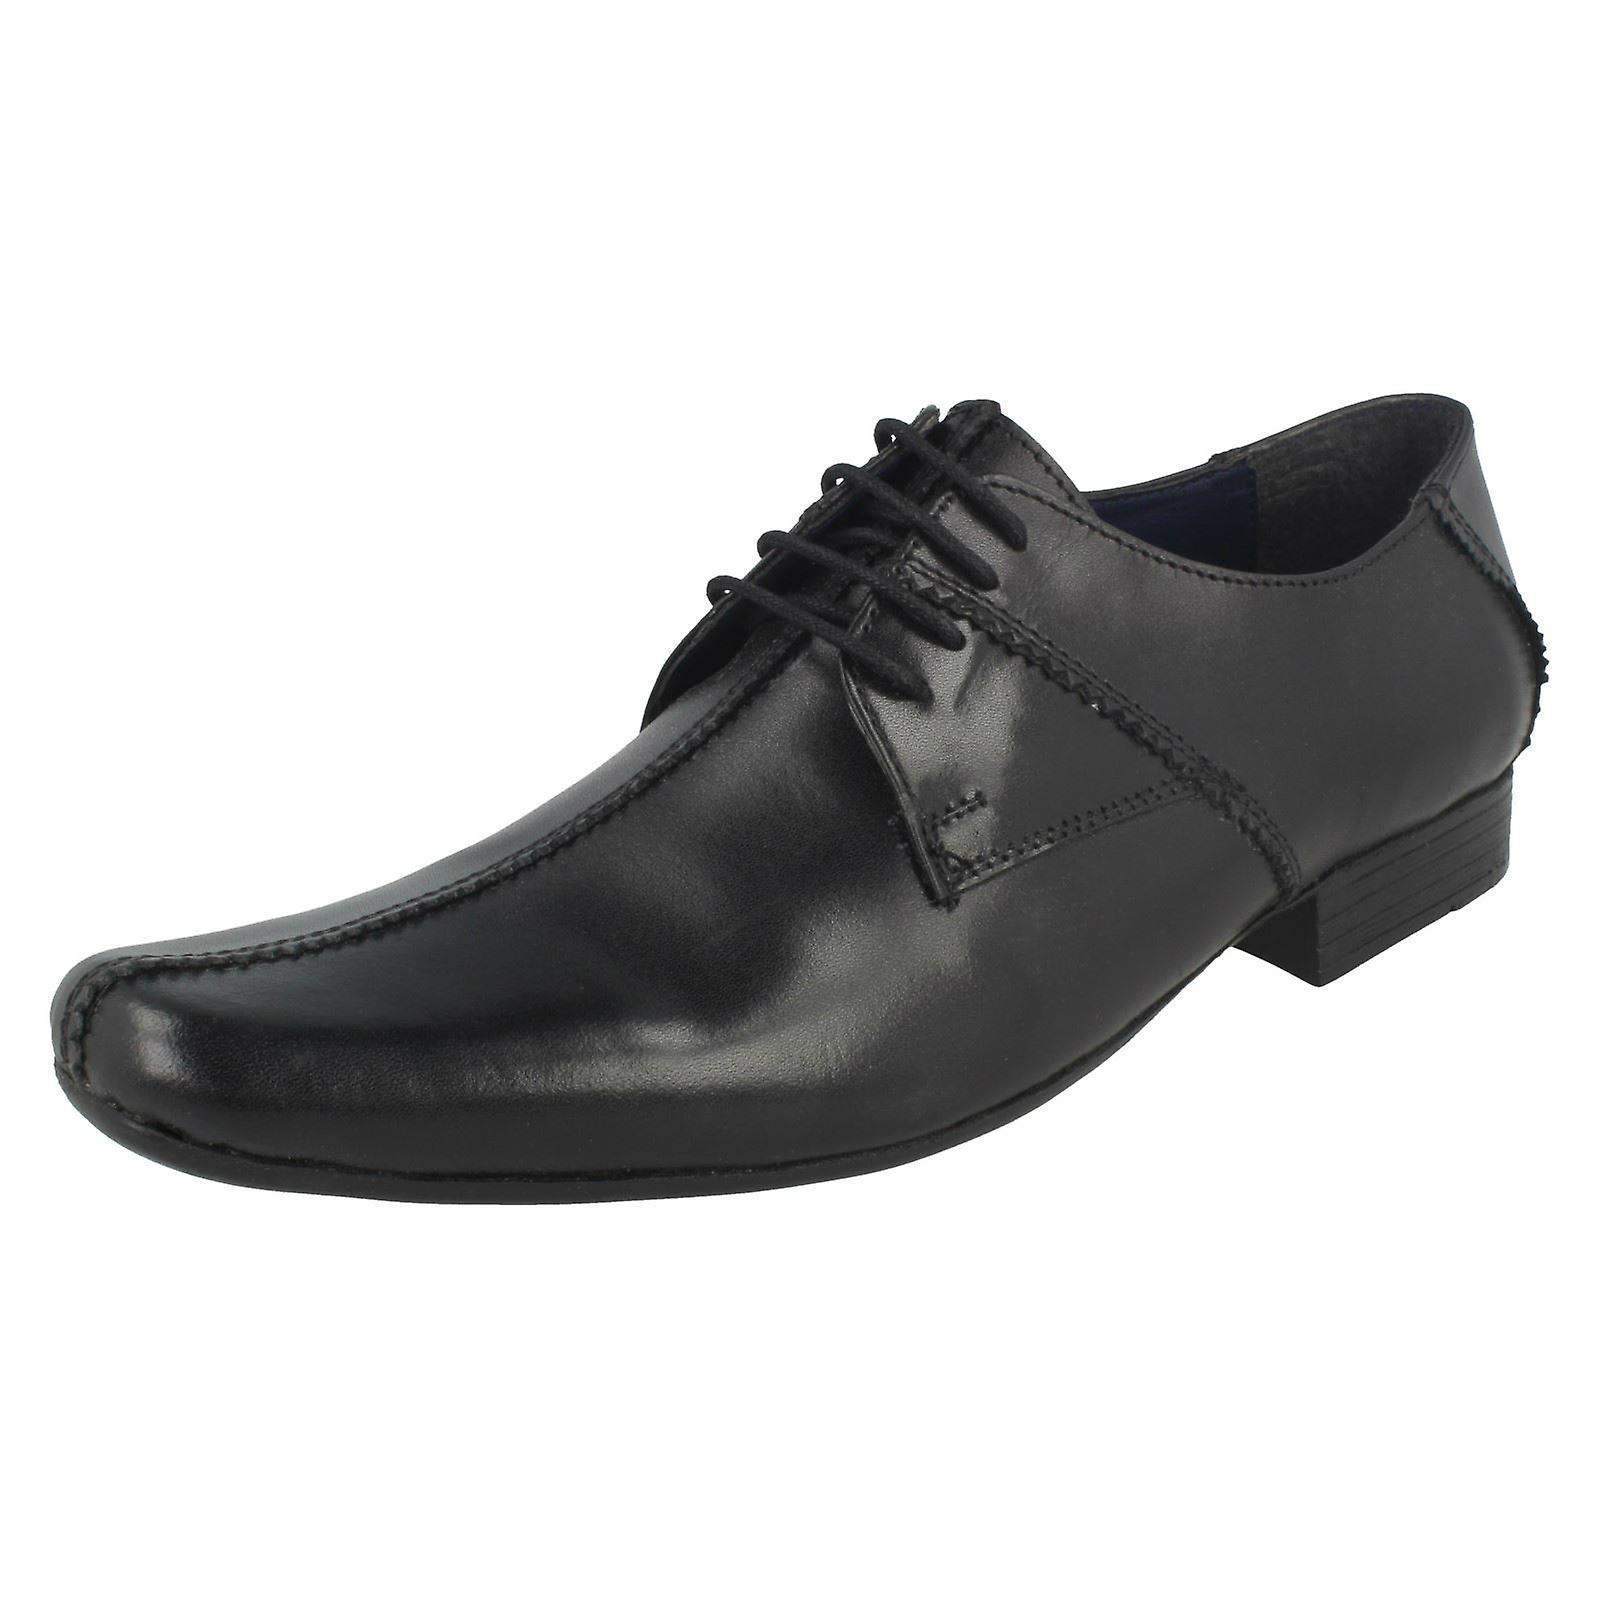 PSL Mens Lace Up Shoes PSL146B